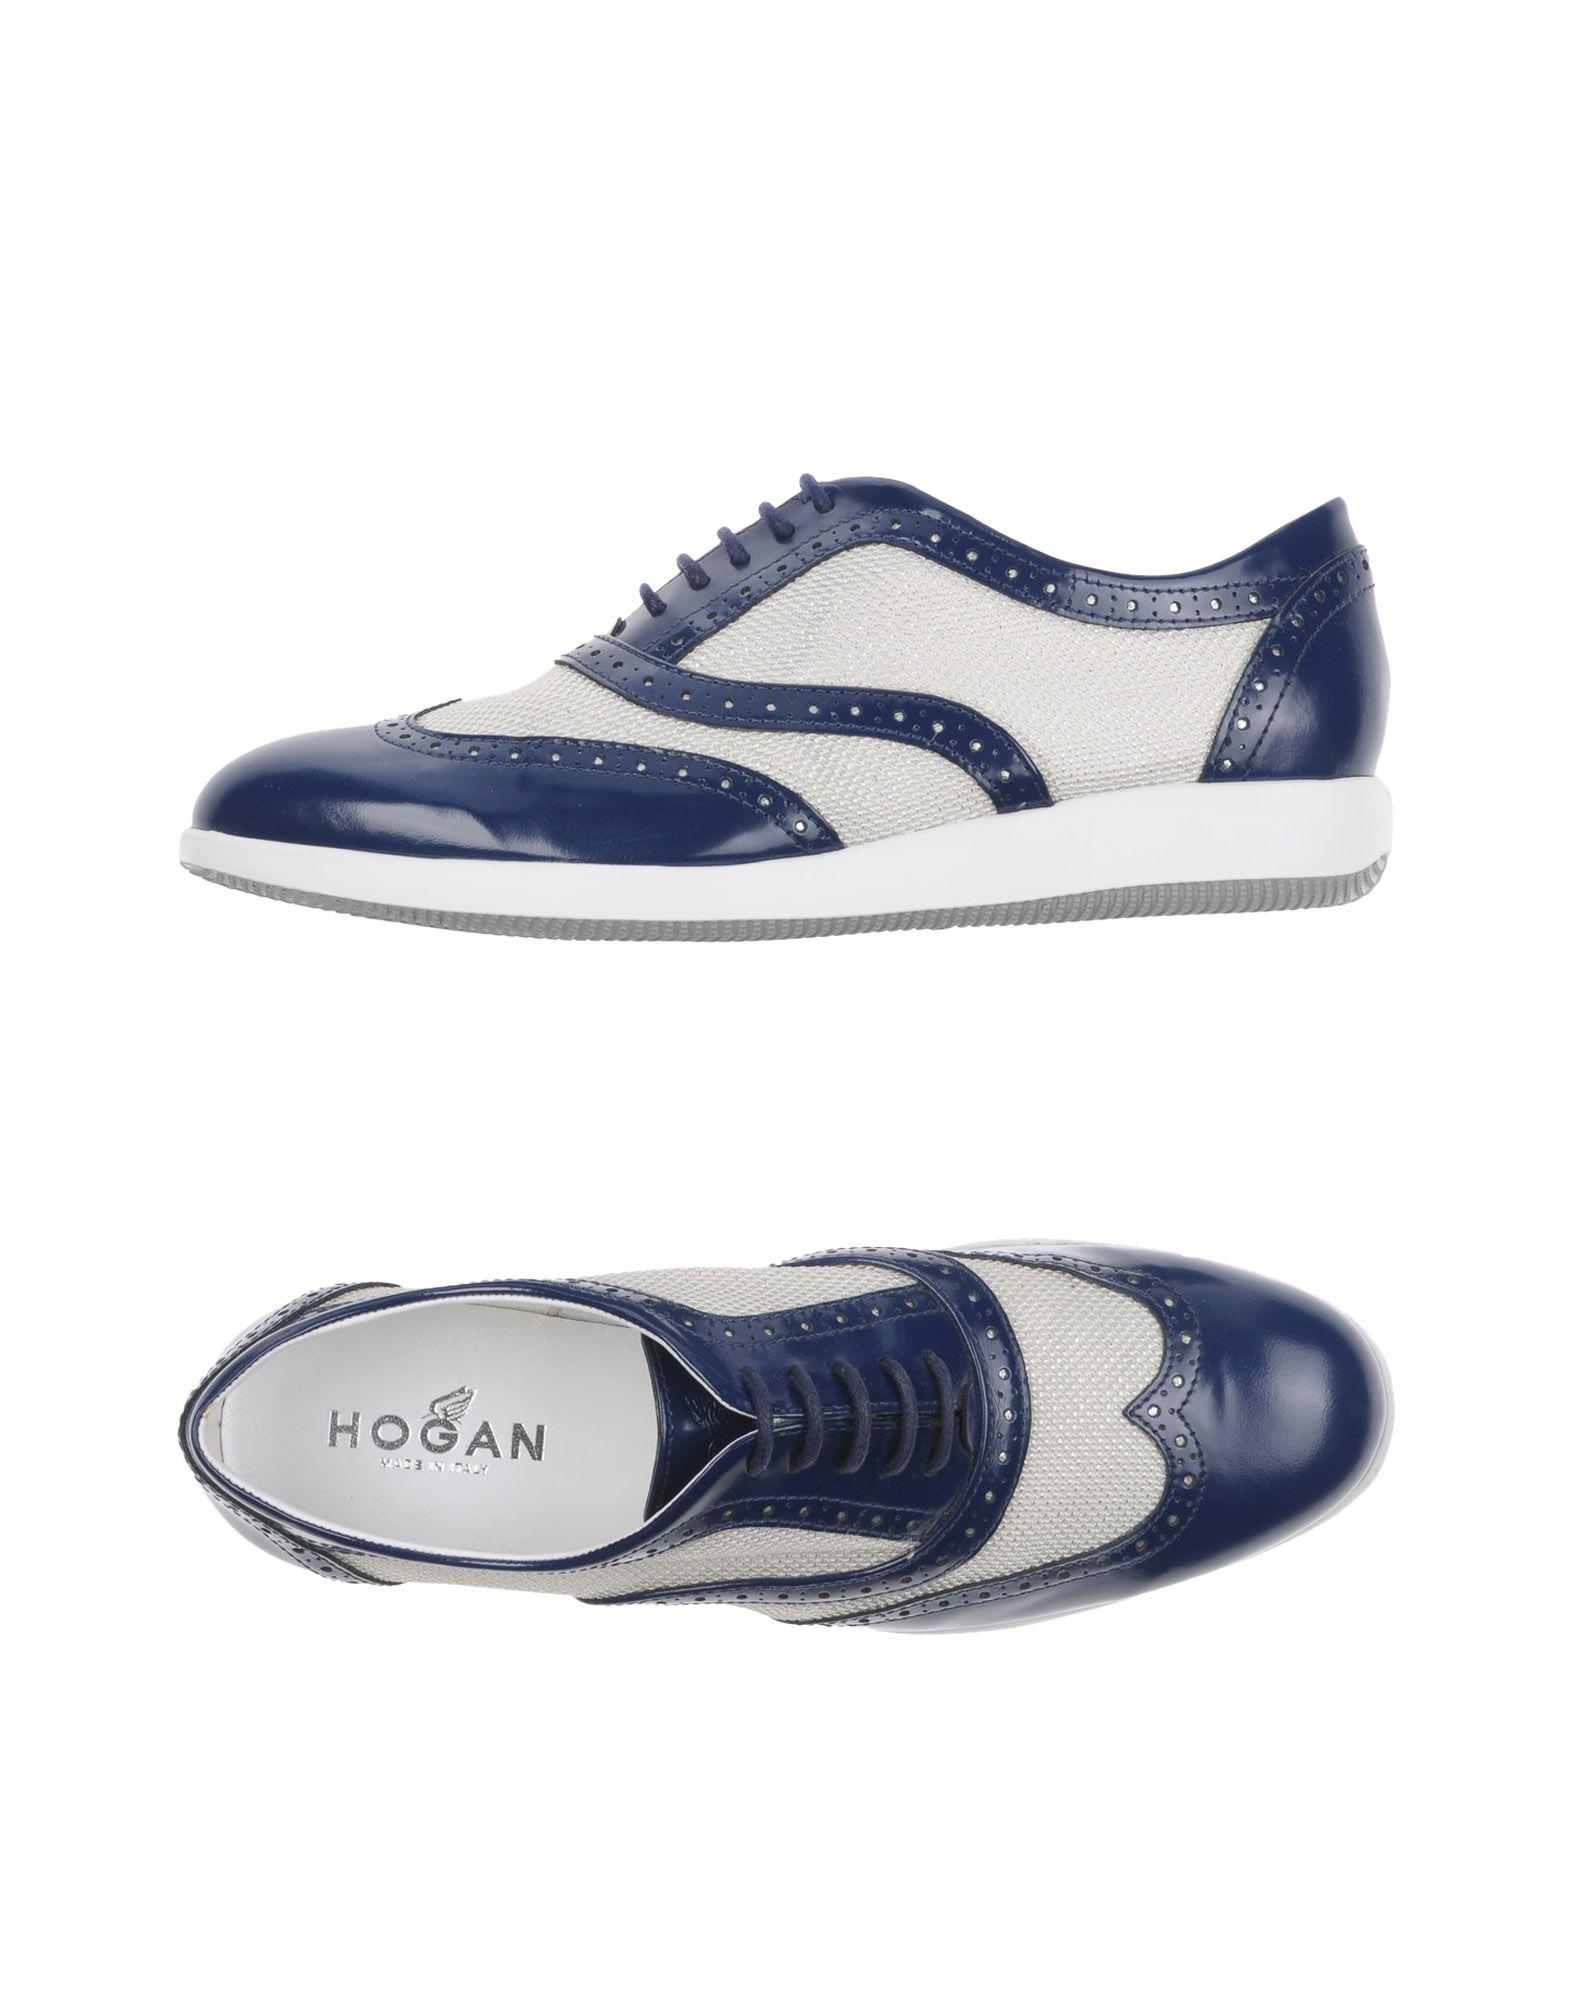 Moda Stringate Hogan Hogan Stringate Donna - 11300961AC e0fa31